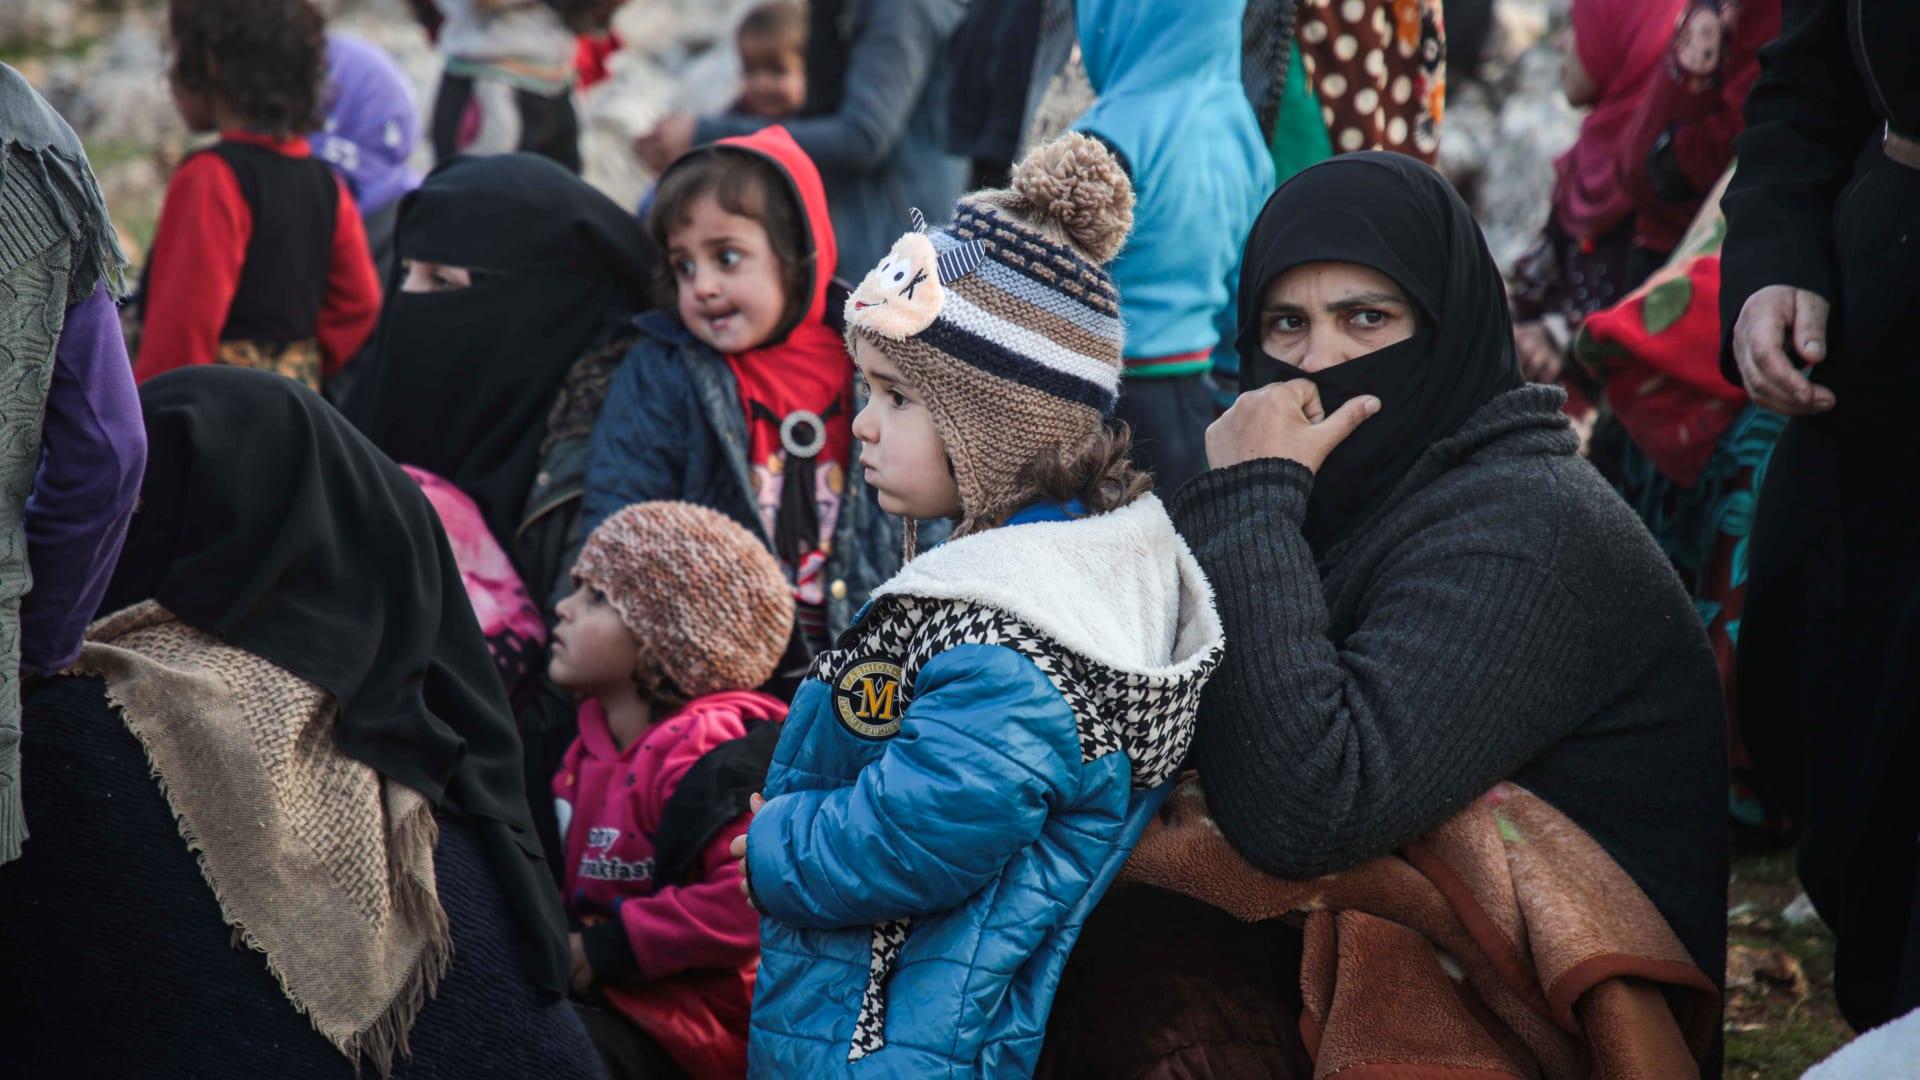 يونيسف: أطفال سوريا يتعرضون لعنف لا يمكن وصفه.. وحمايتهم ليست خيارًا